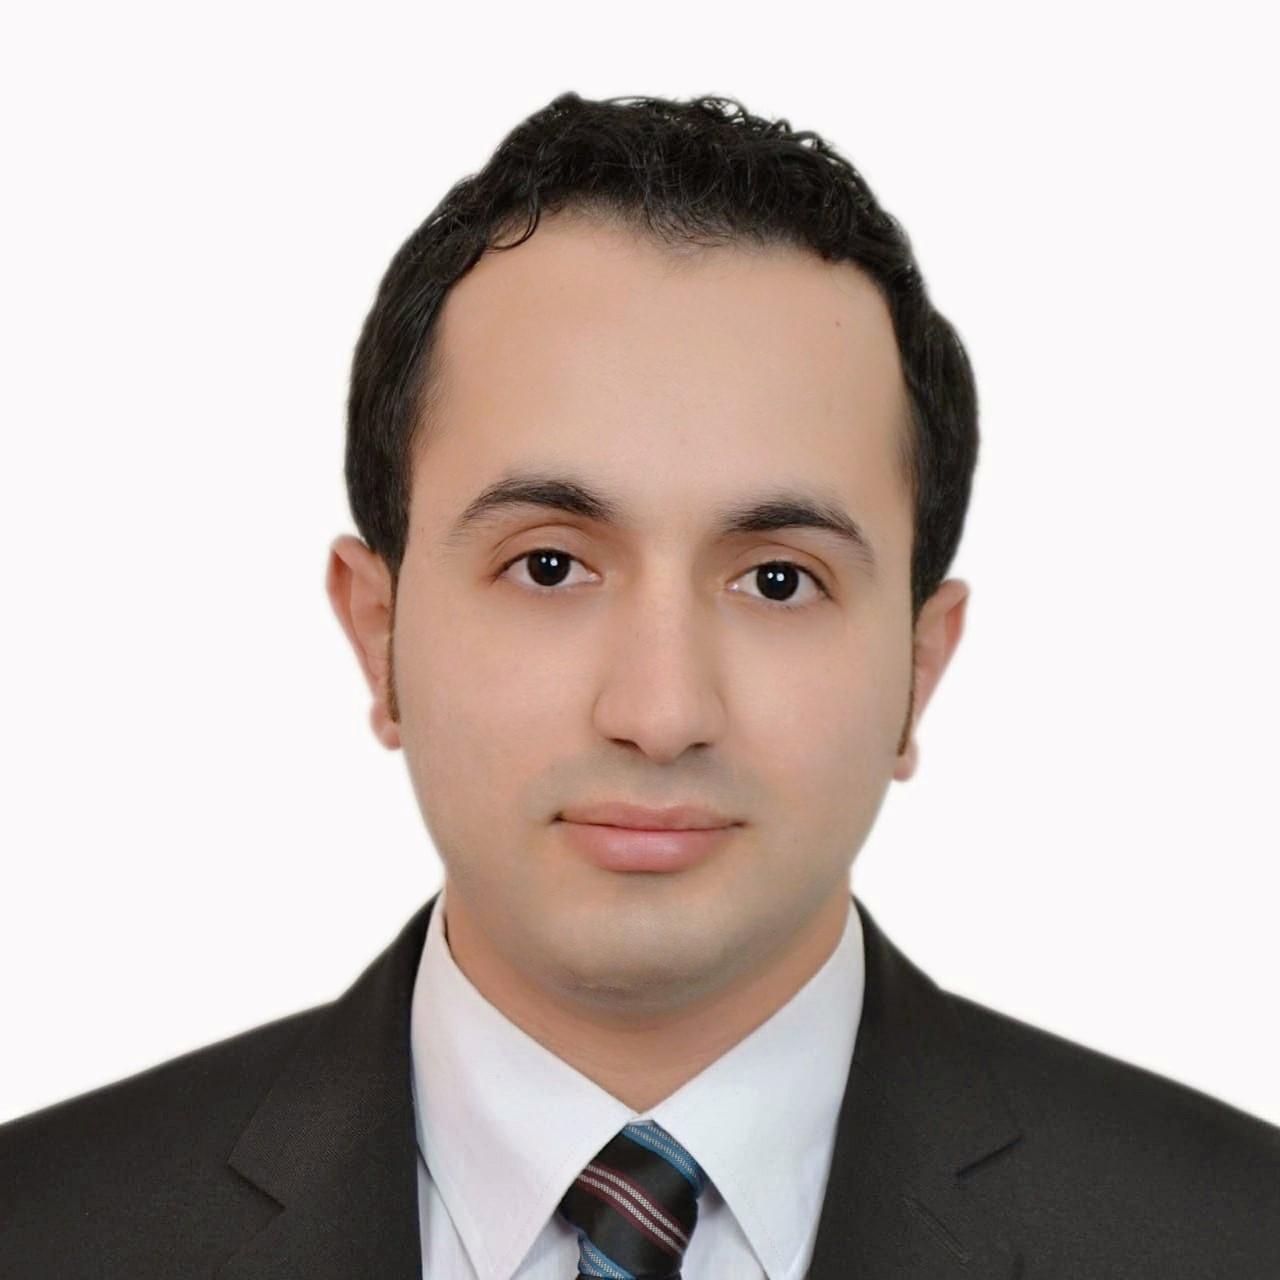 تهنئة للدكتور احمد النسور